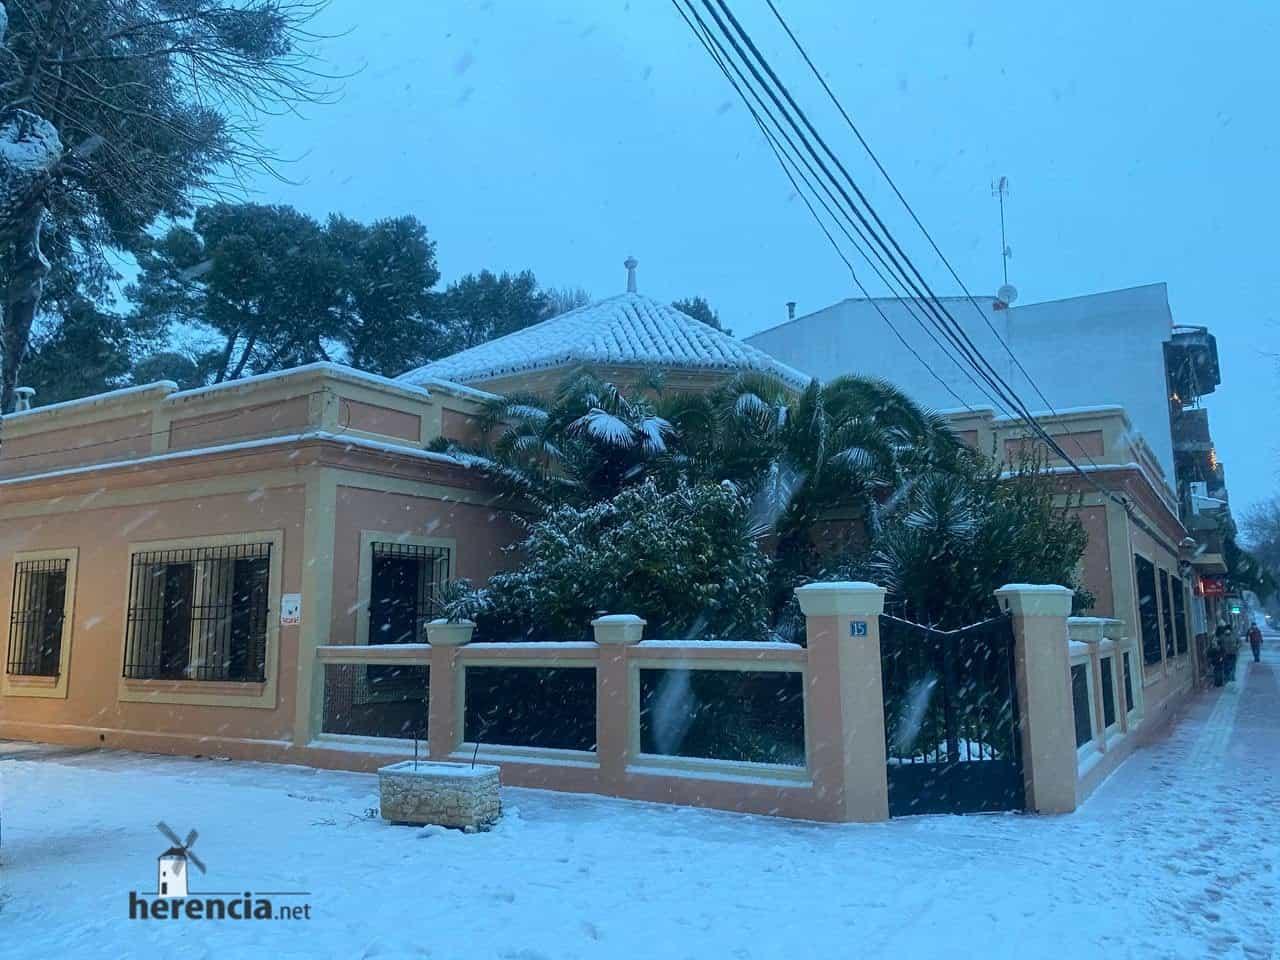 Fotografías de la nevada en Herencia (Ciudad Real) 61